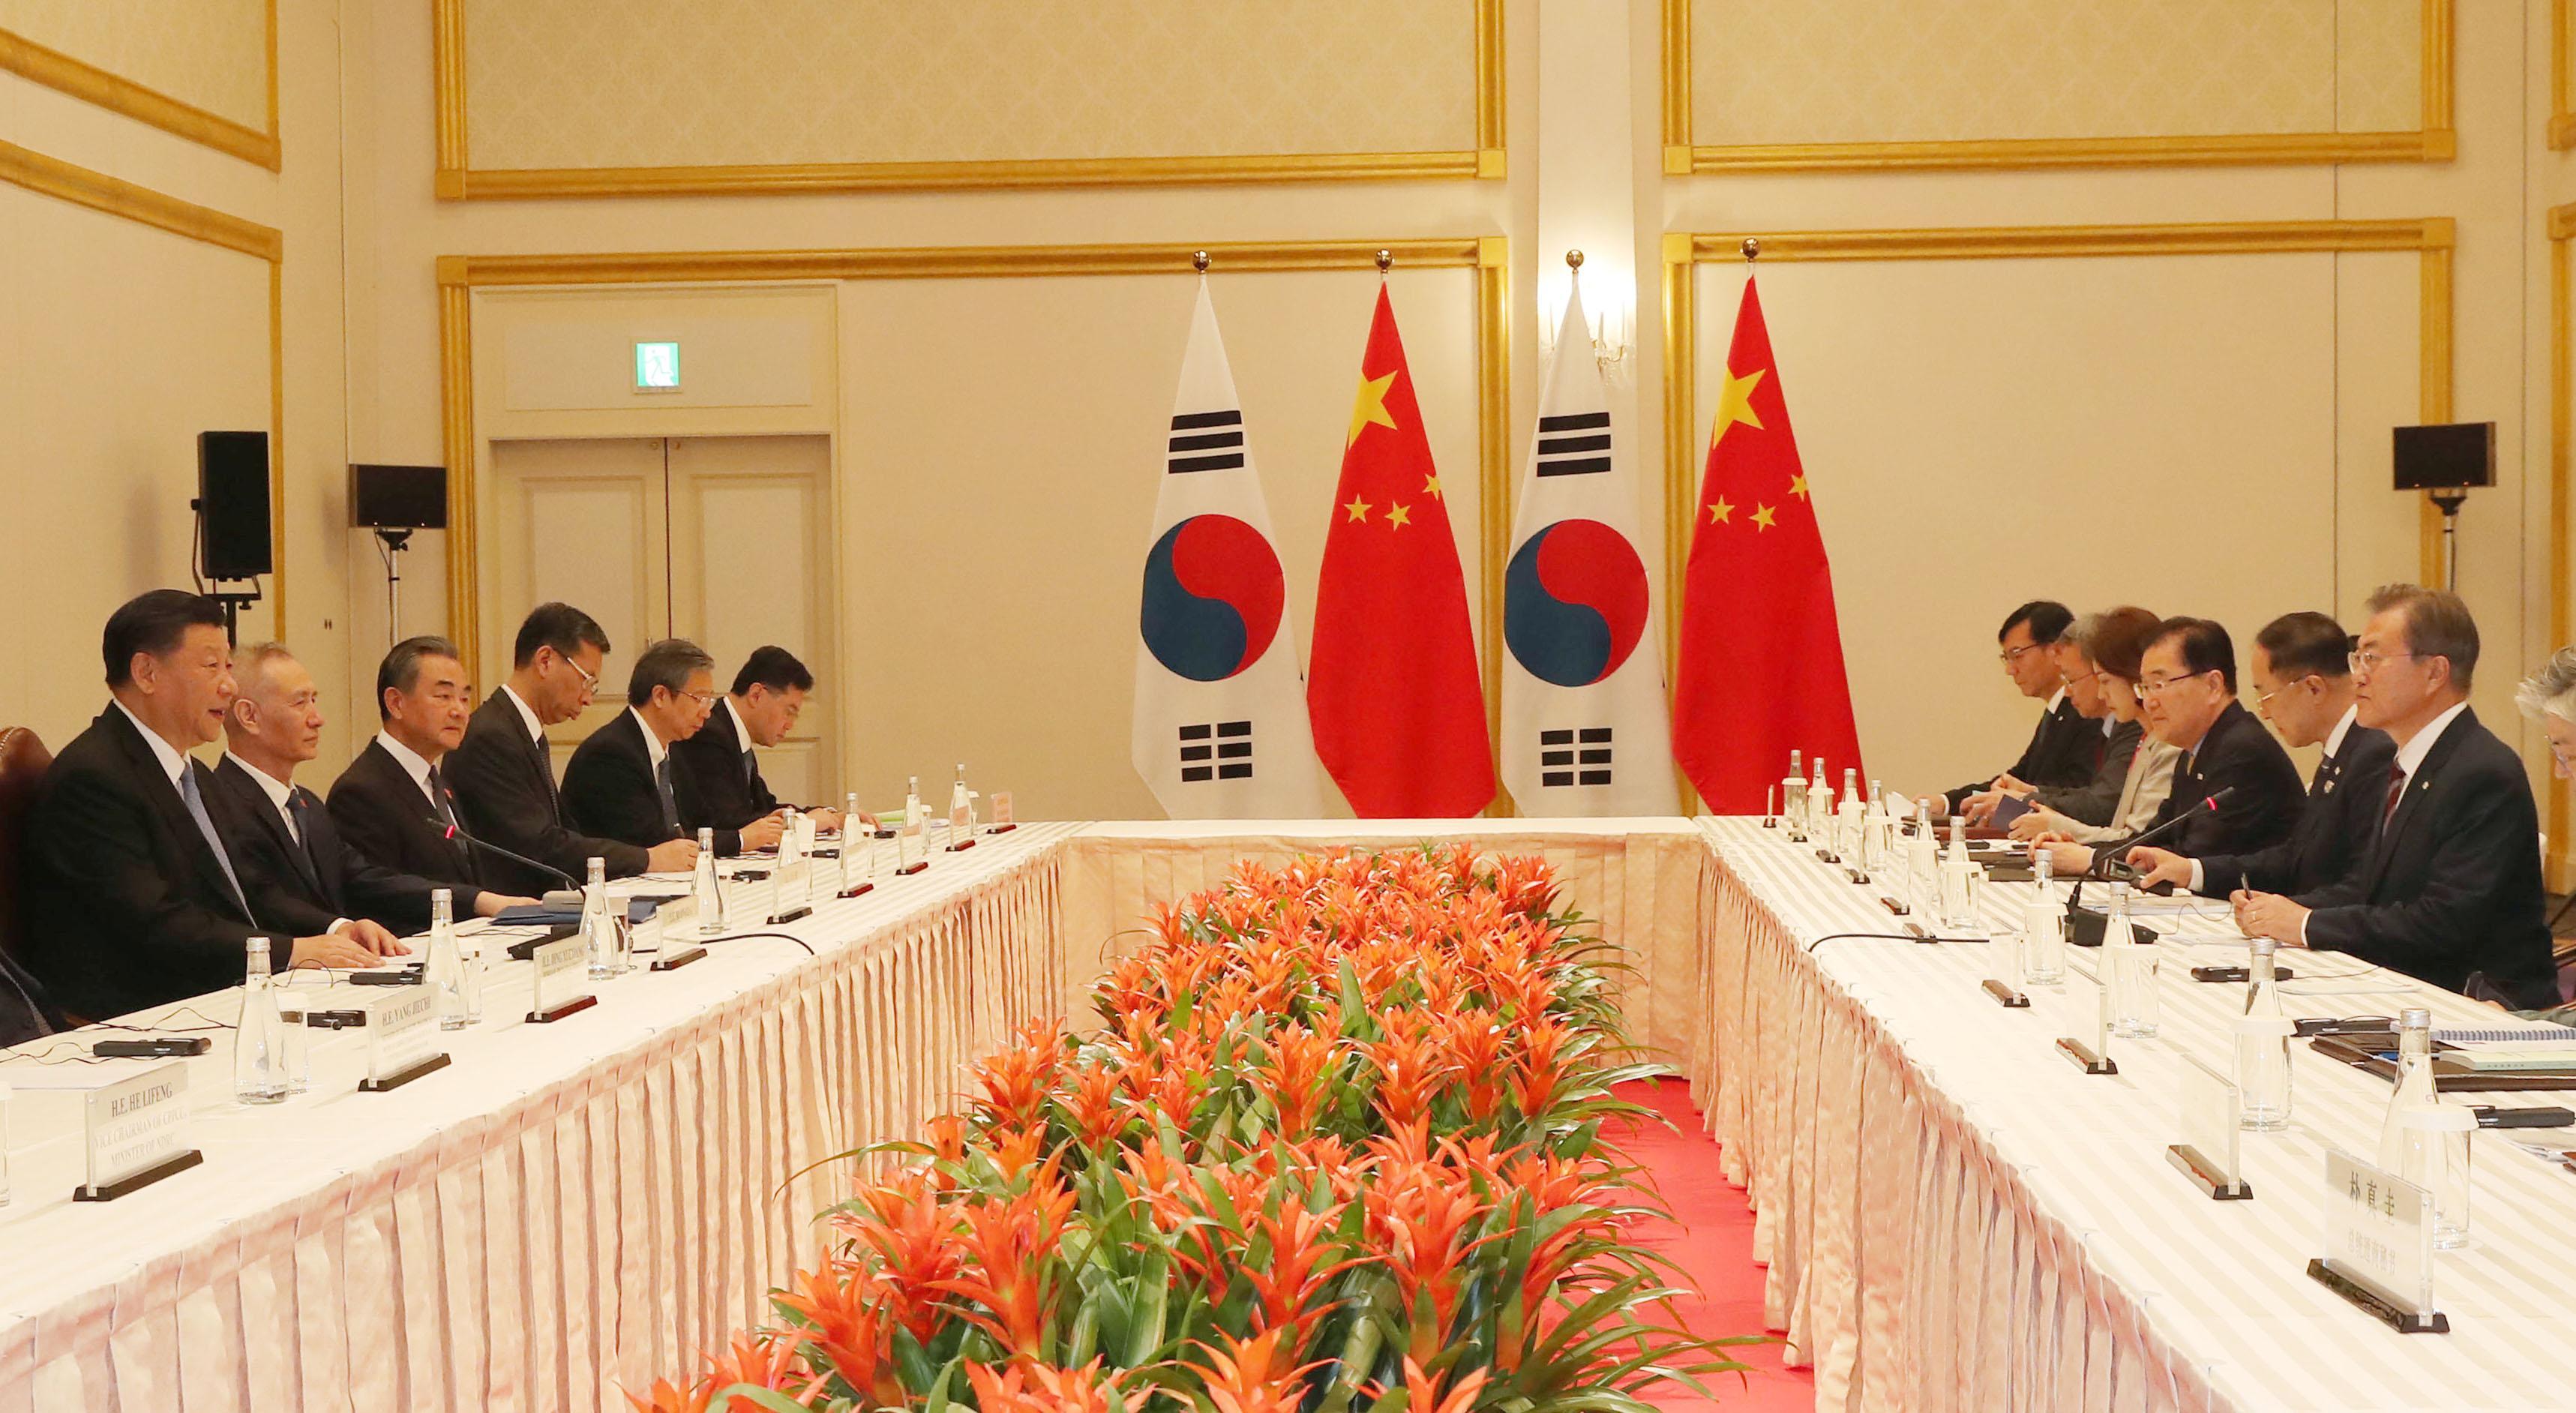 文在寅:中国在无核化中起建设性作用